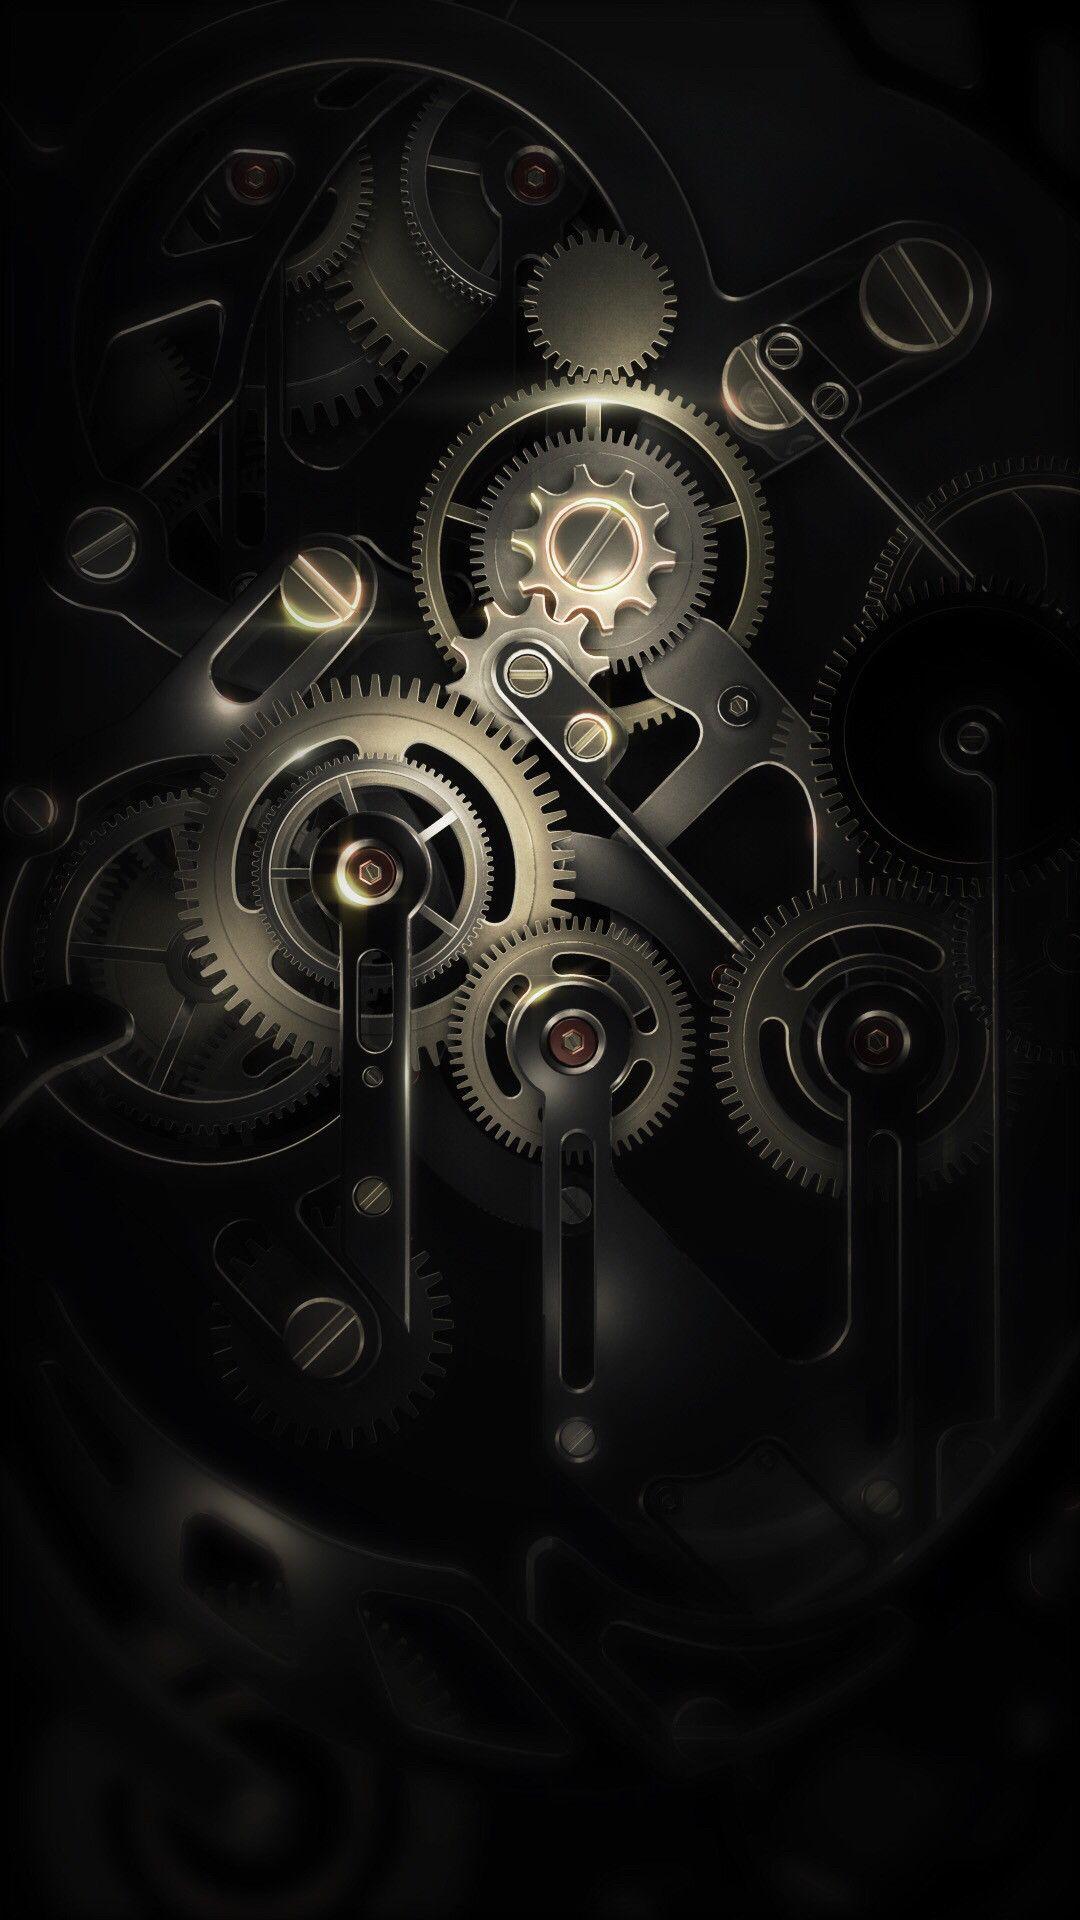 スチームパンク Iphonex スマホ壁紙 待受画像ギャラリー テクノロジー 壁紙 モバイル用壁紙 スマホ壁紙